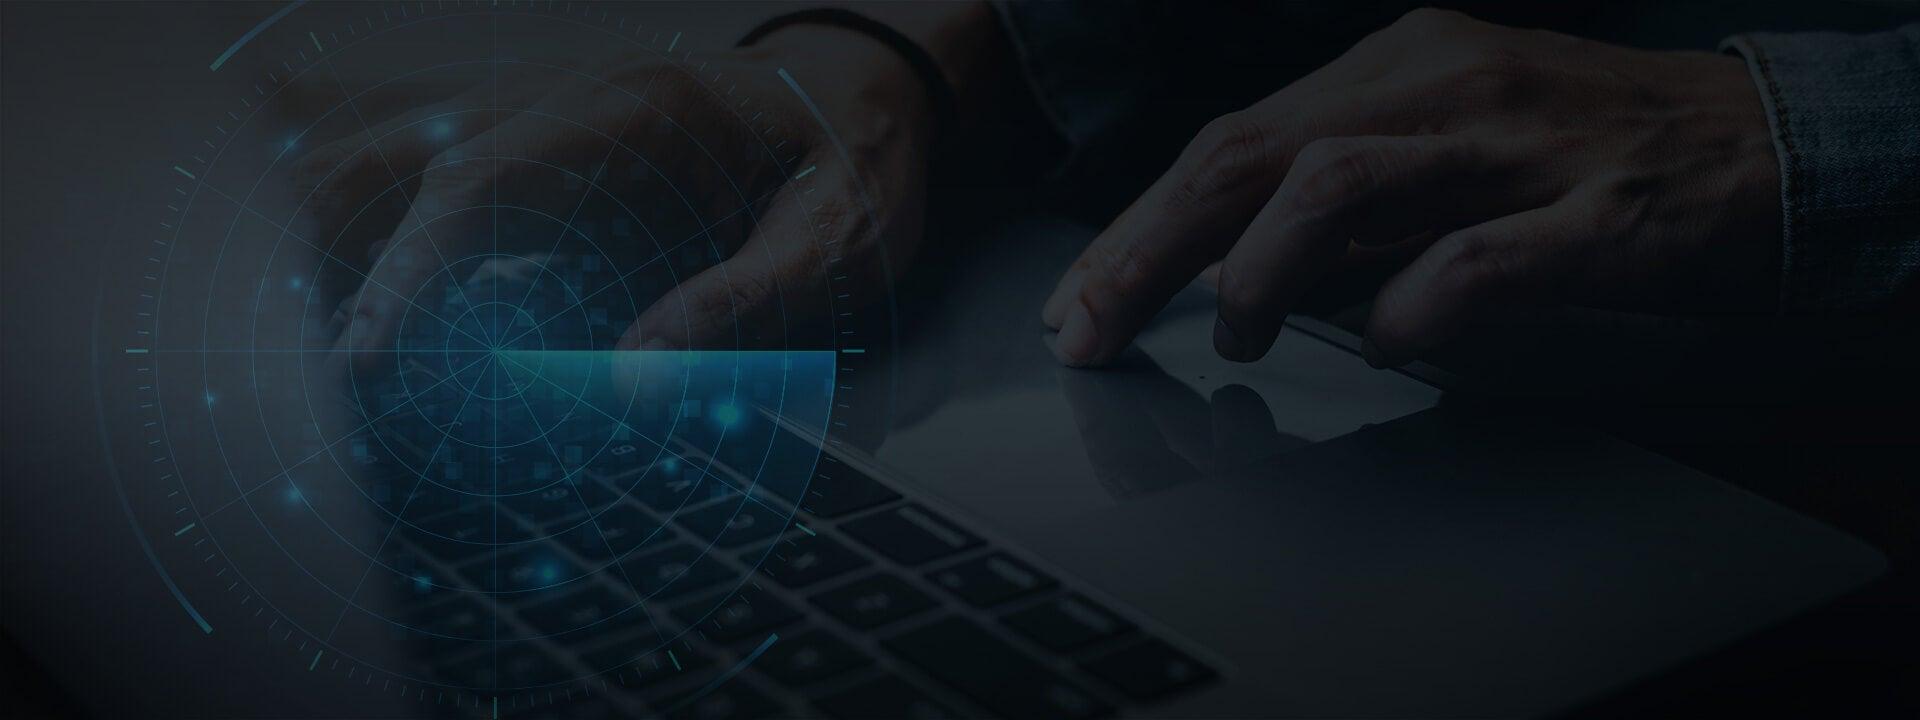 Government Grant Fraud Detection BG v.1.0